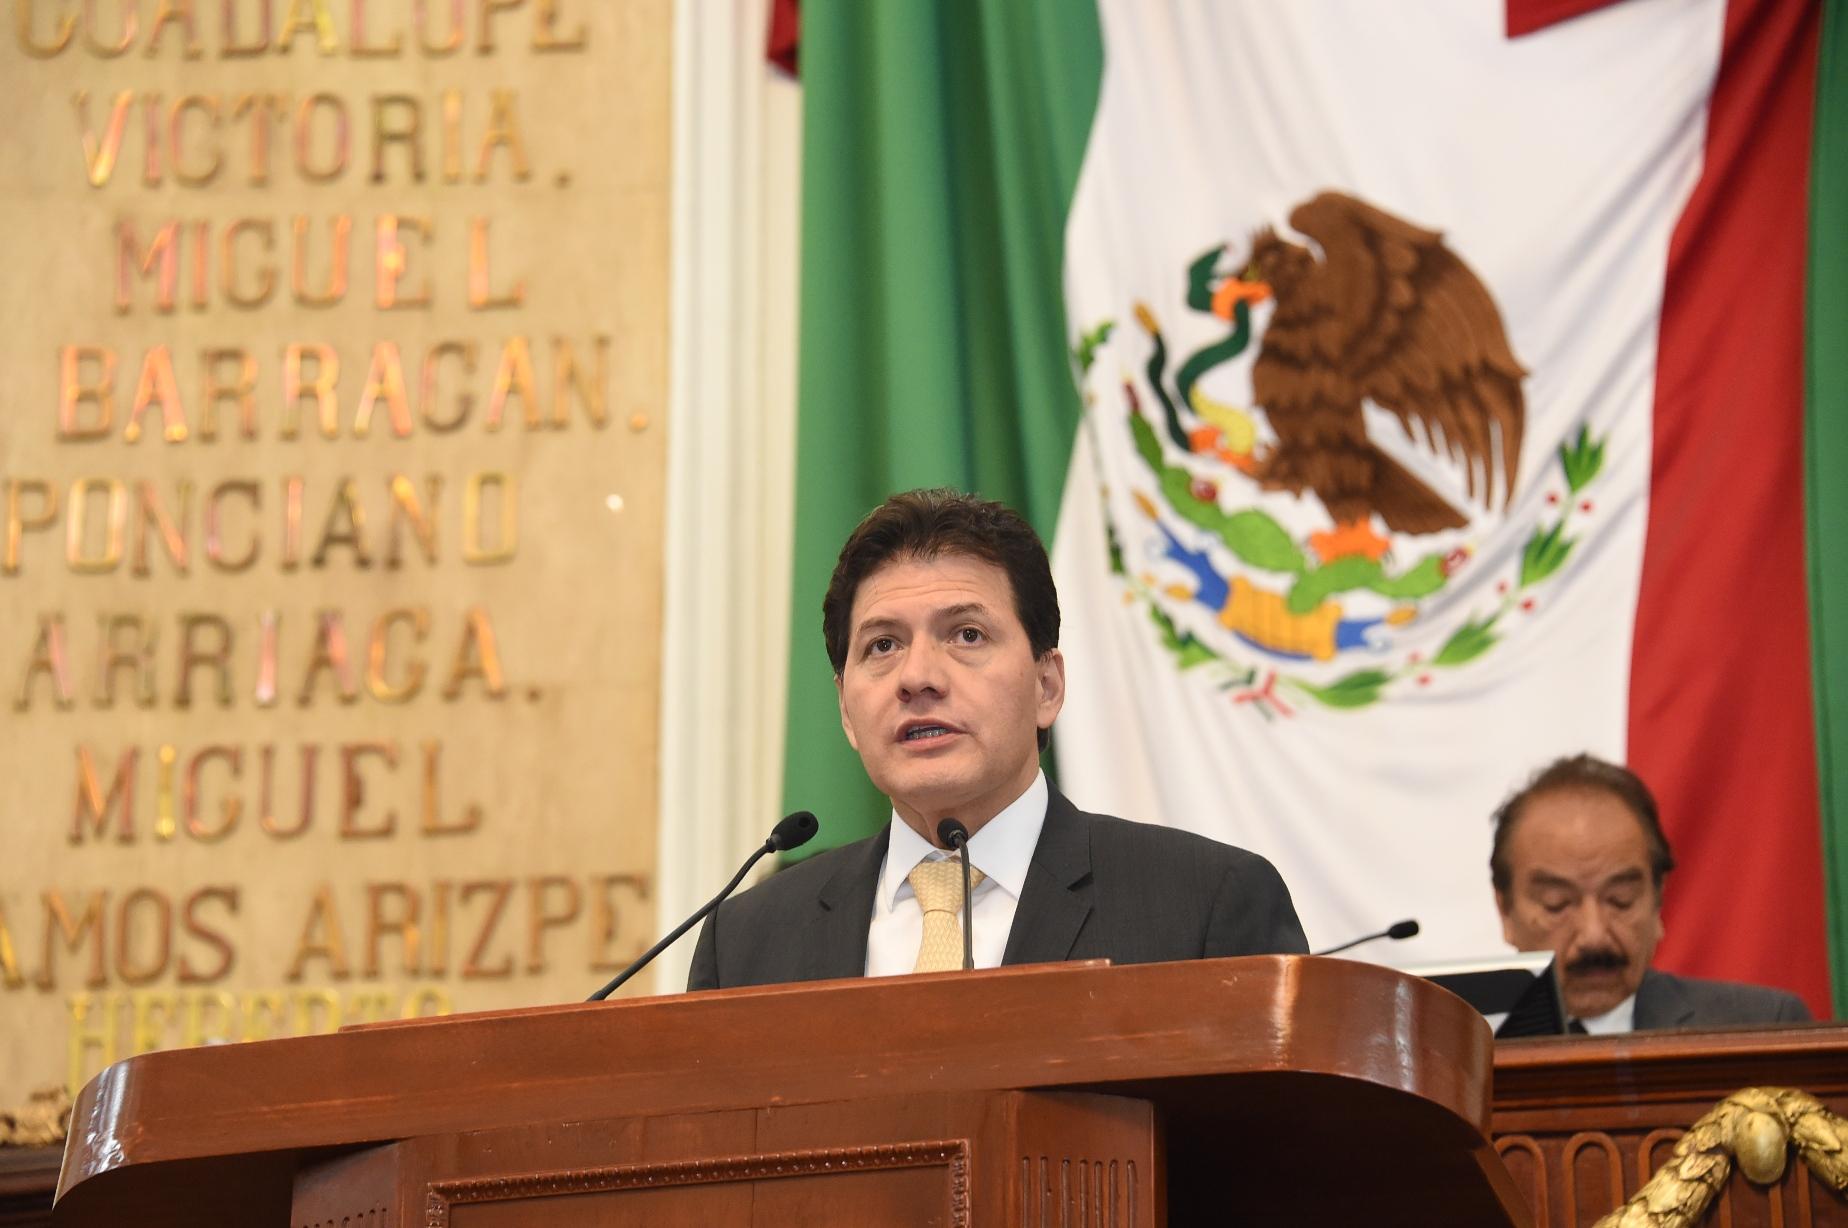 El Congreso Capitalino analiza Tres Propuestas para la Ley de Seguridad Ciudadana